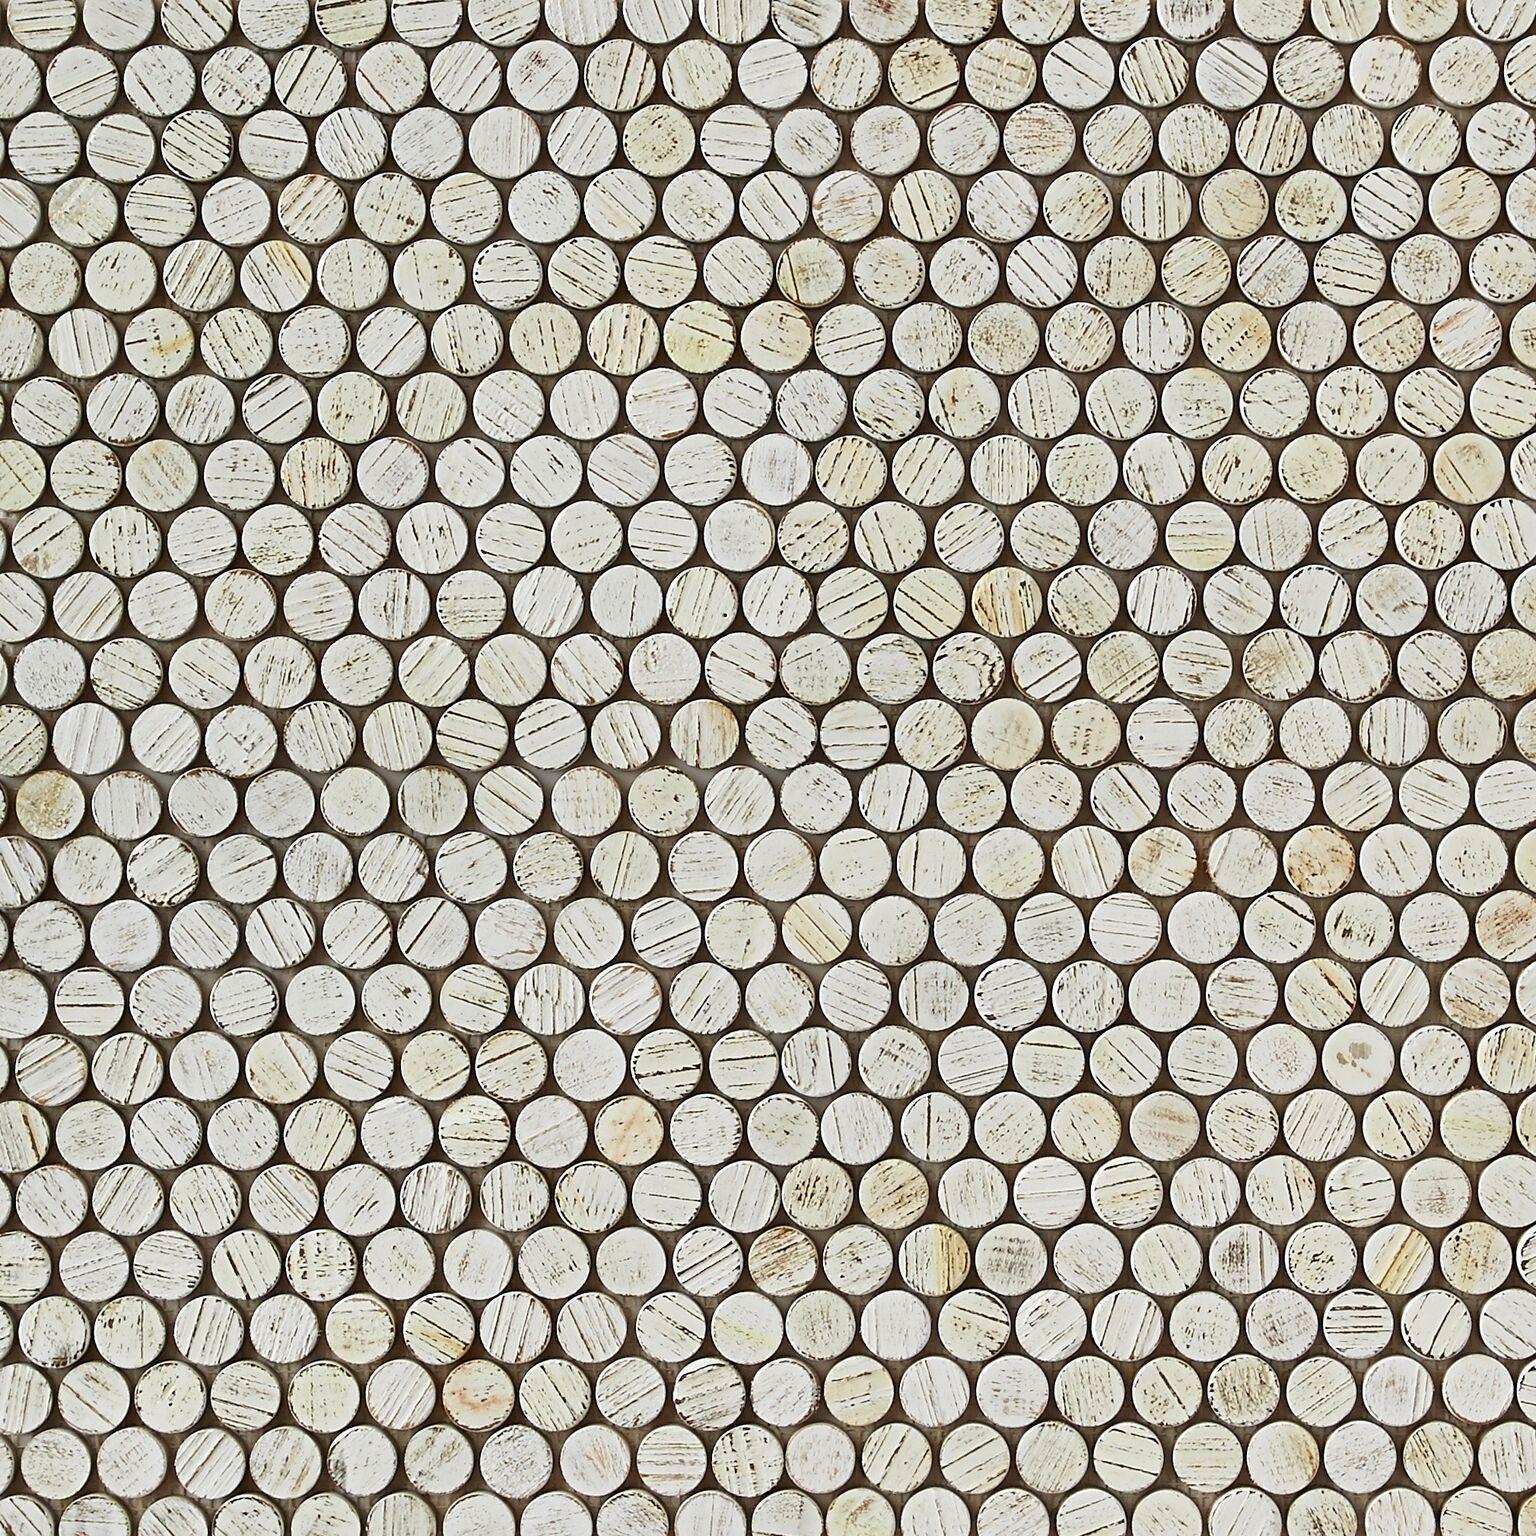 white matte finish 3 - Teak Tile - Bead